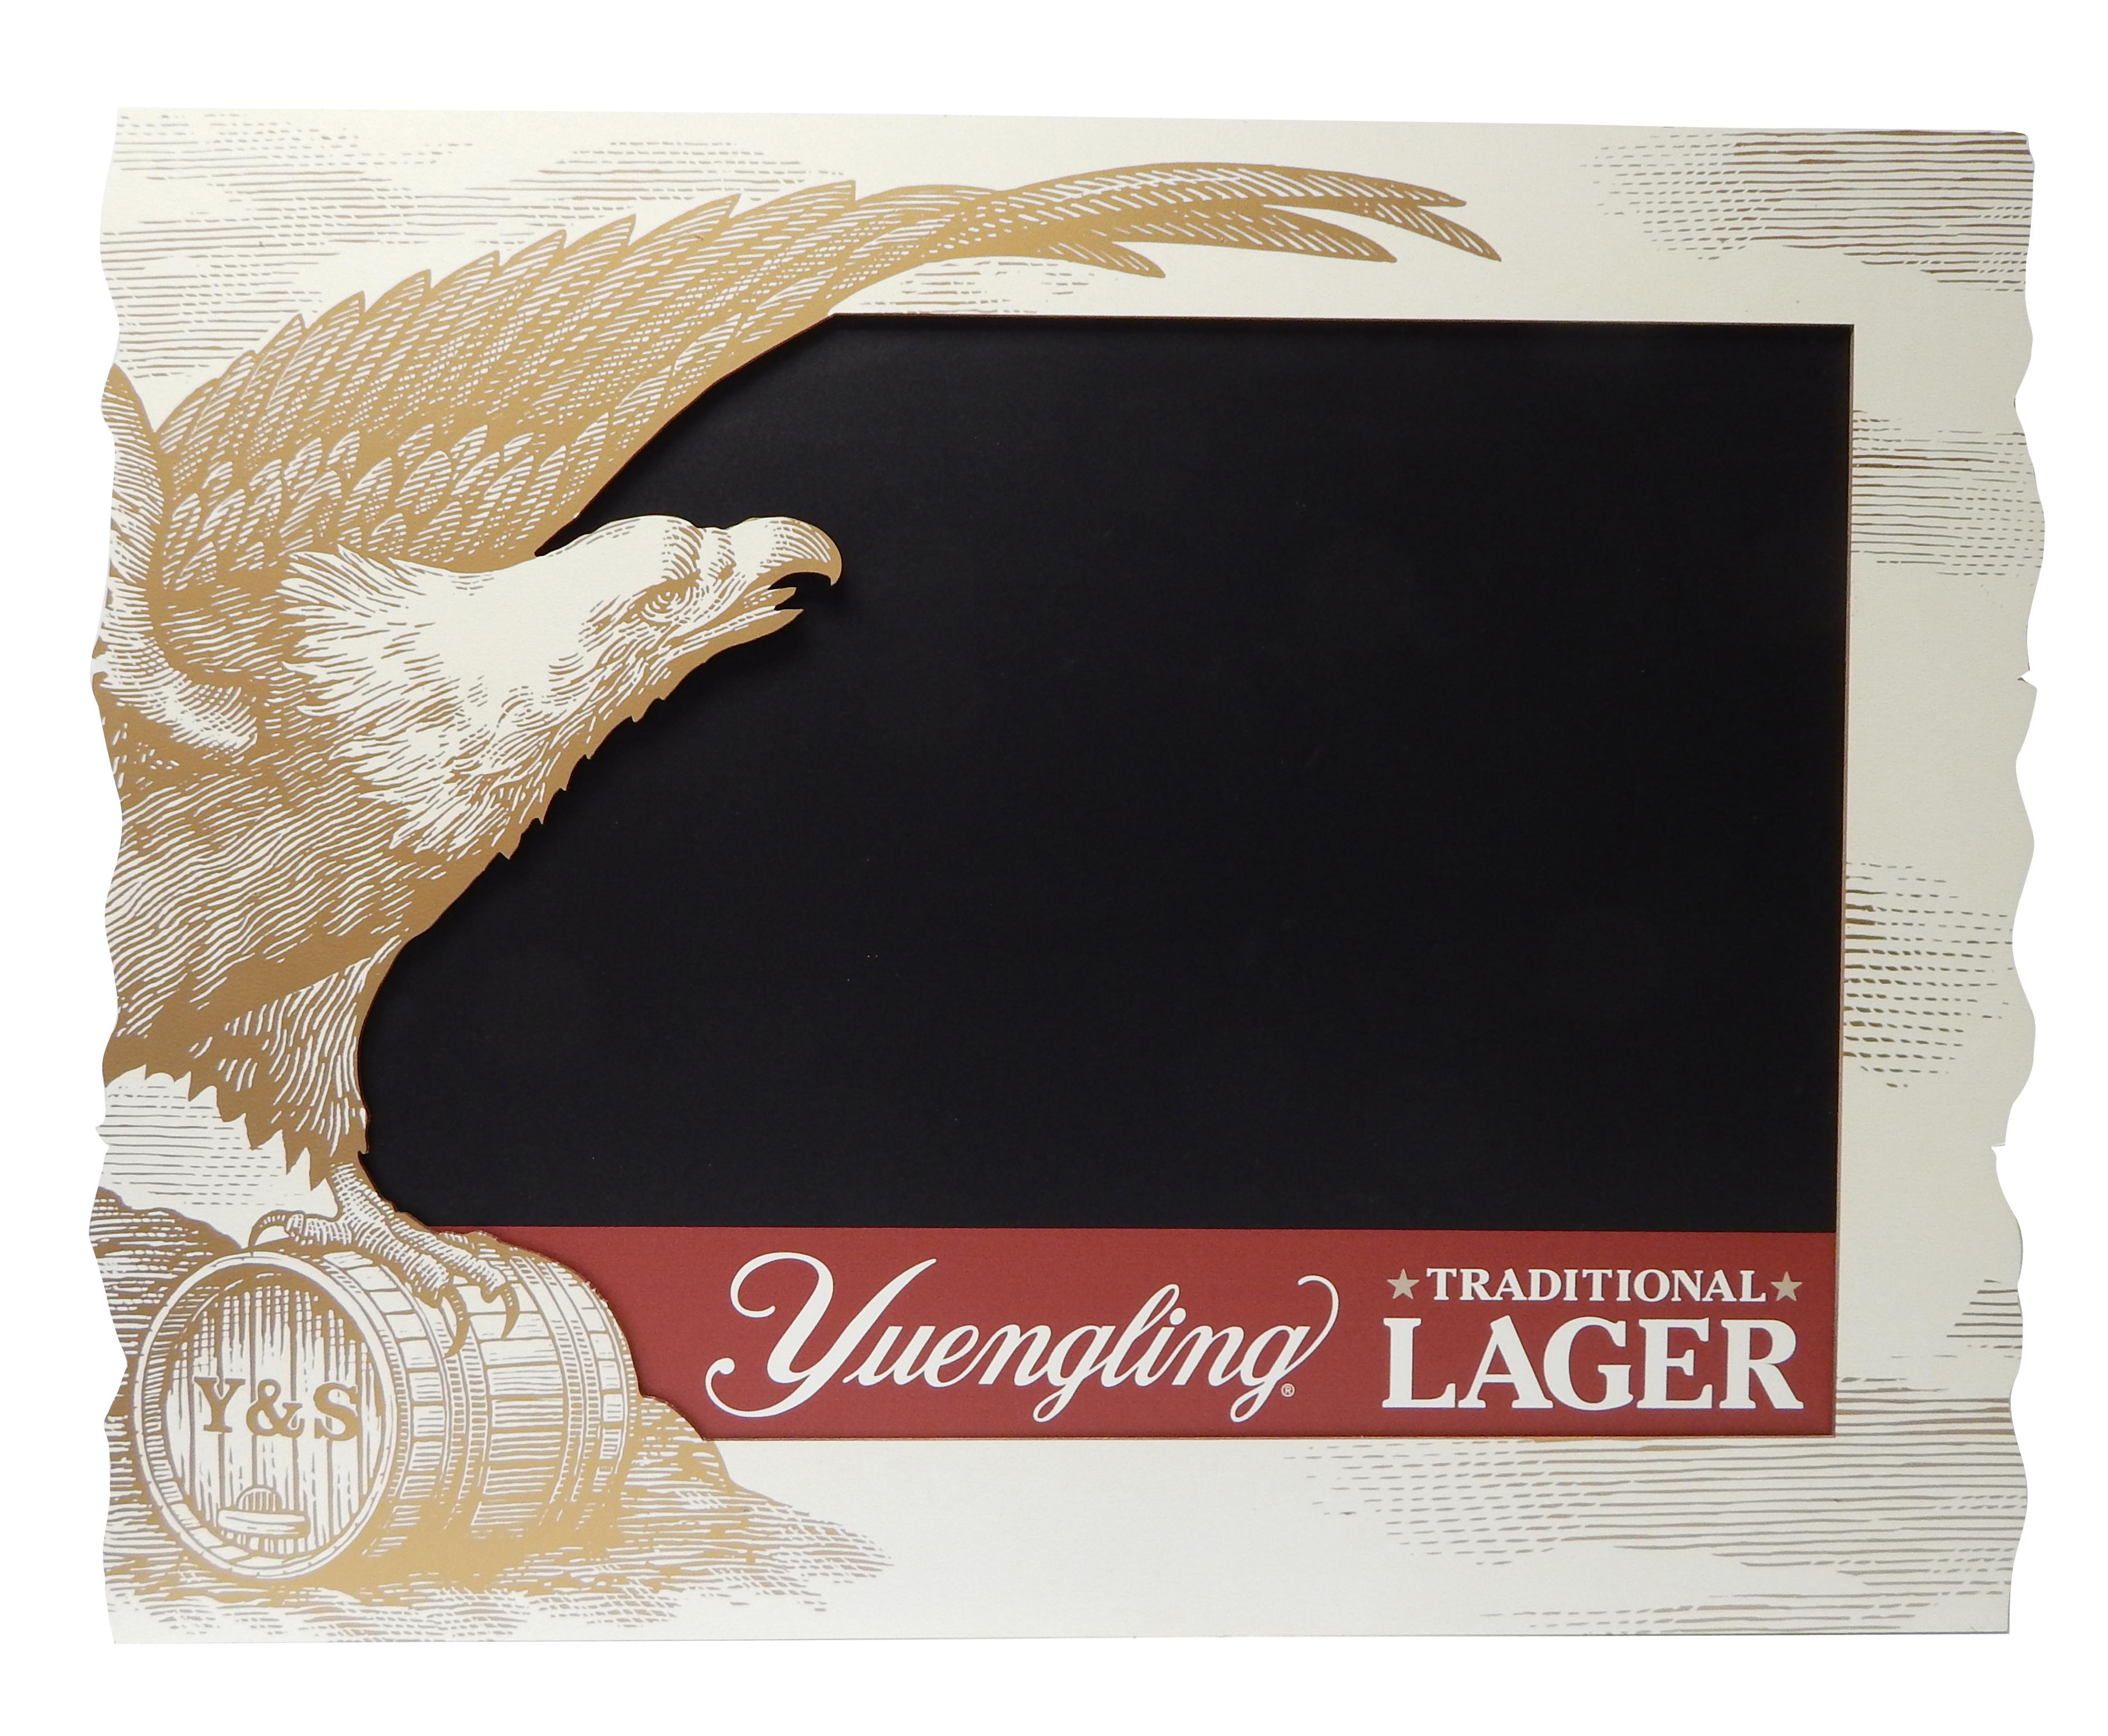 YUE Eagle Chalkboard